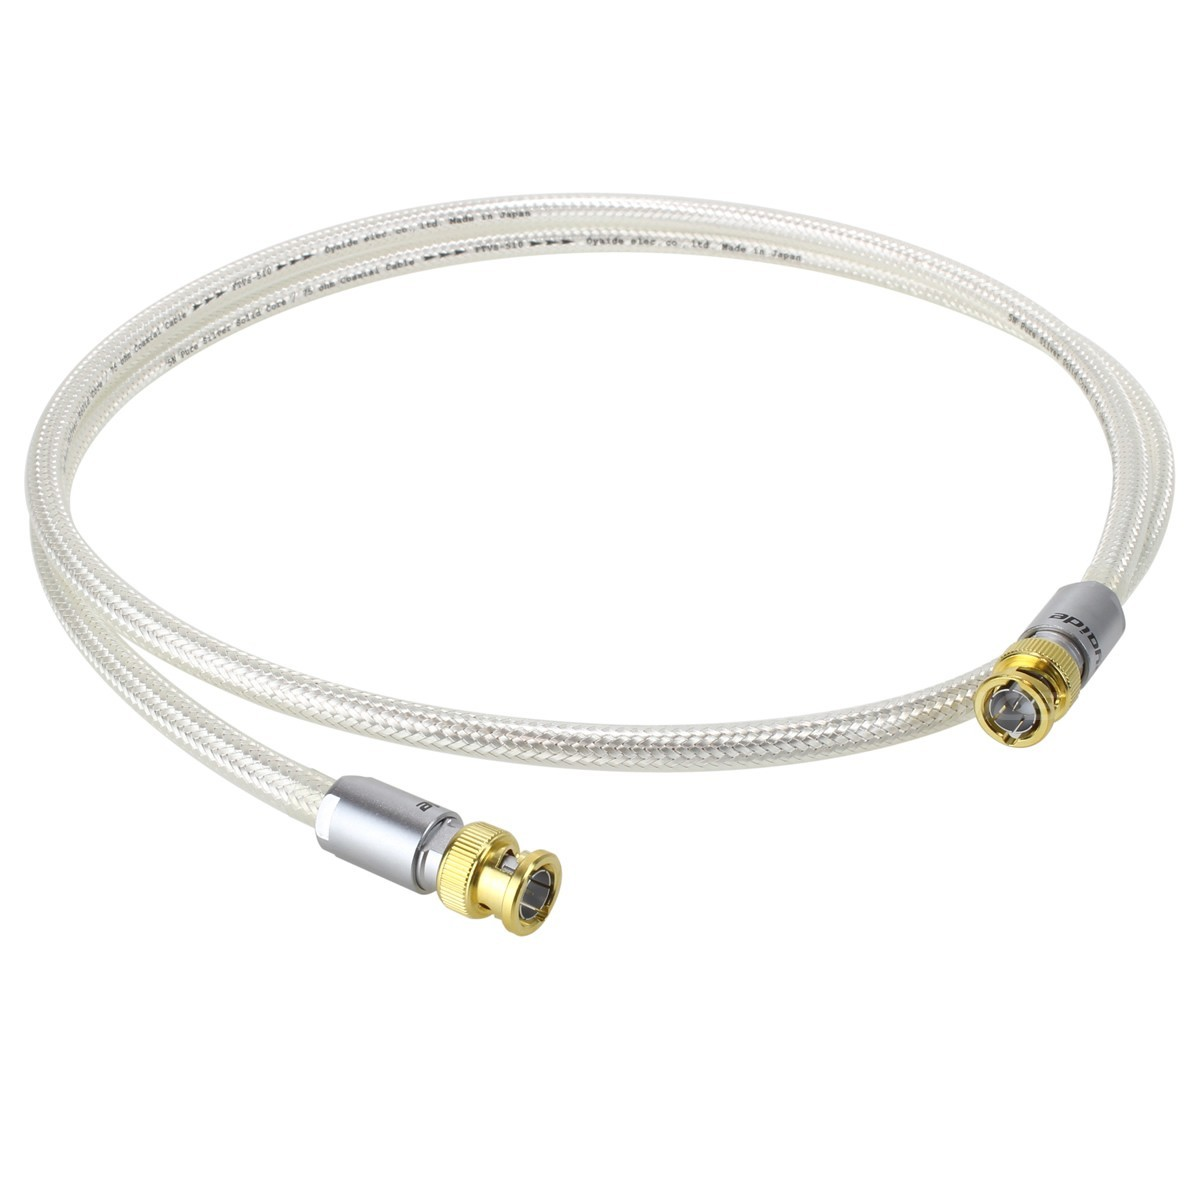 OYAIDE DB-510 Câble Numérique Coaxial BNC 75 Ohm Argent 1.3m (Unité)